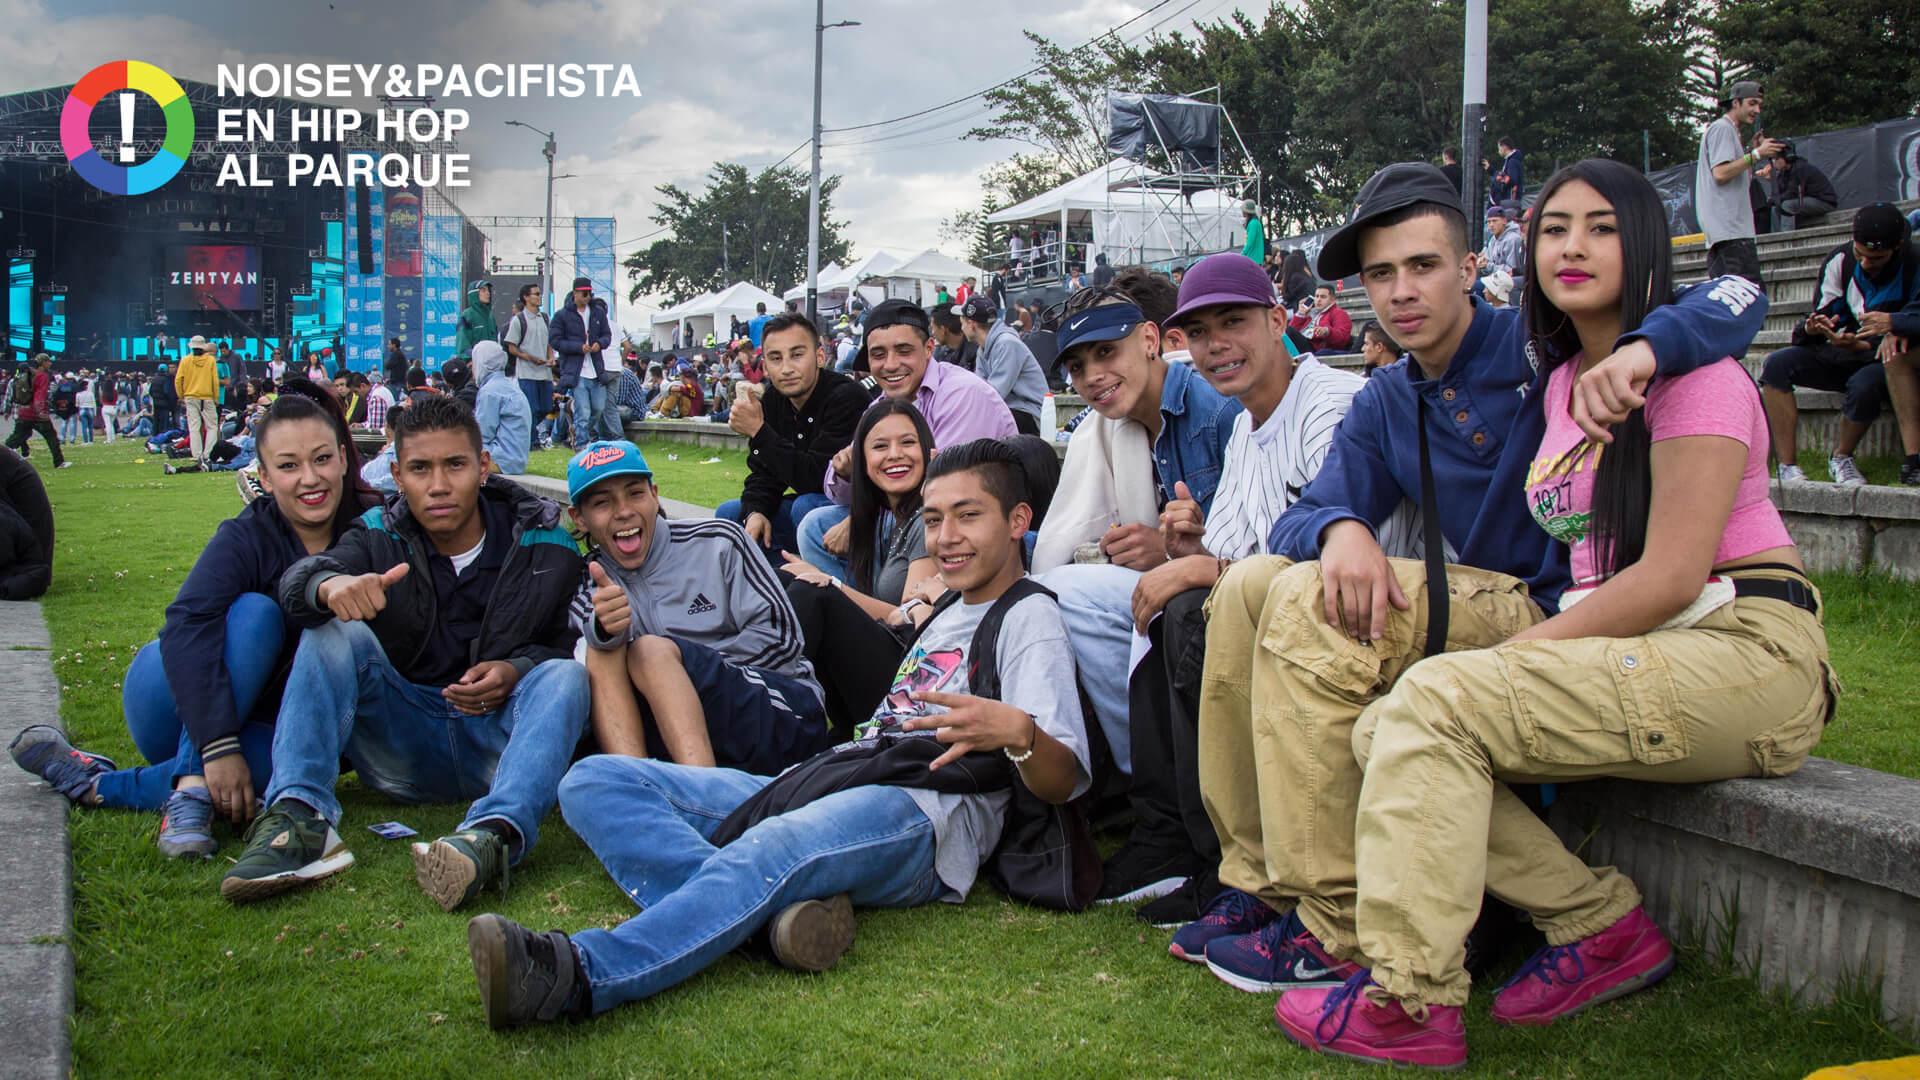 'Paz es pensar en grande sin ser agrandado': las frases de Hip Hop al Parque